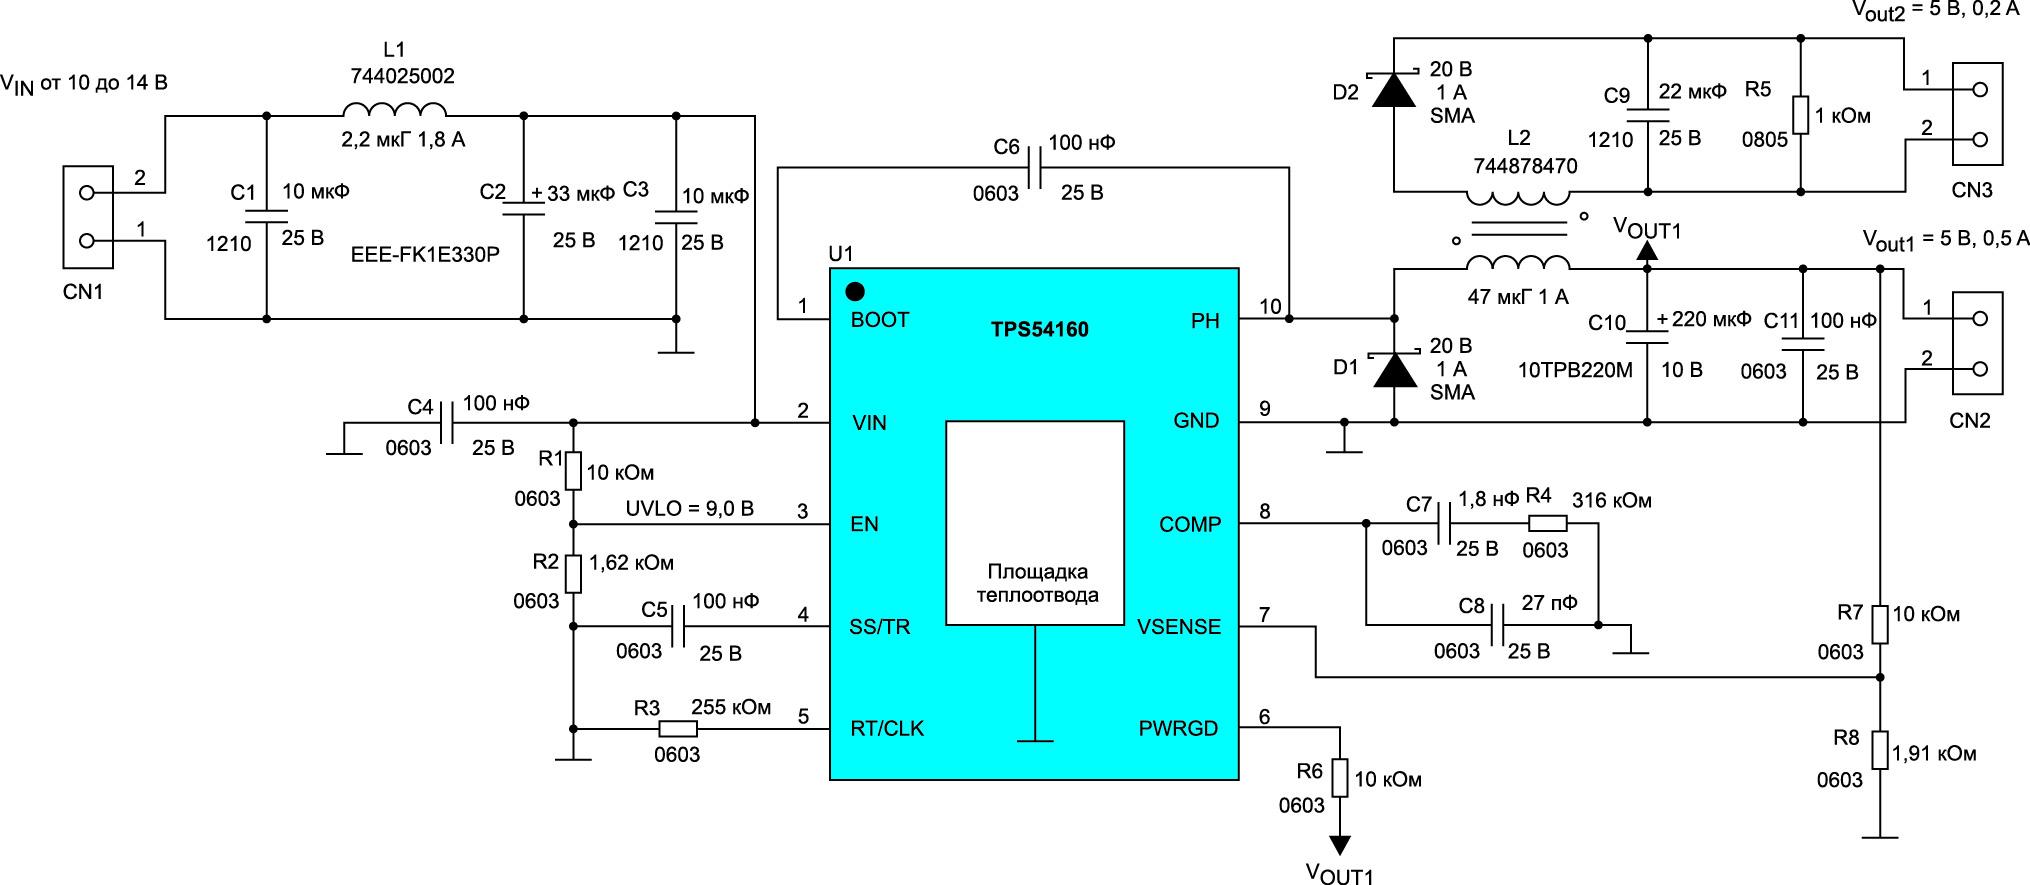 Схема электрическая принципиальная двухвыходного преобразователя, спроектированного на основании рассмотренной методики